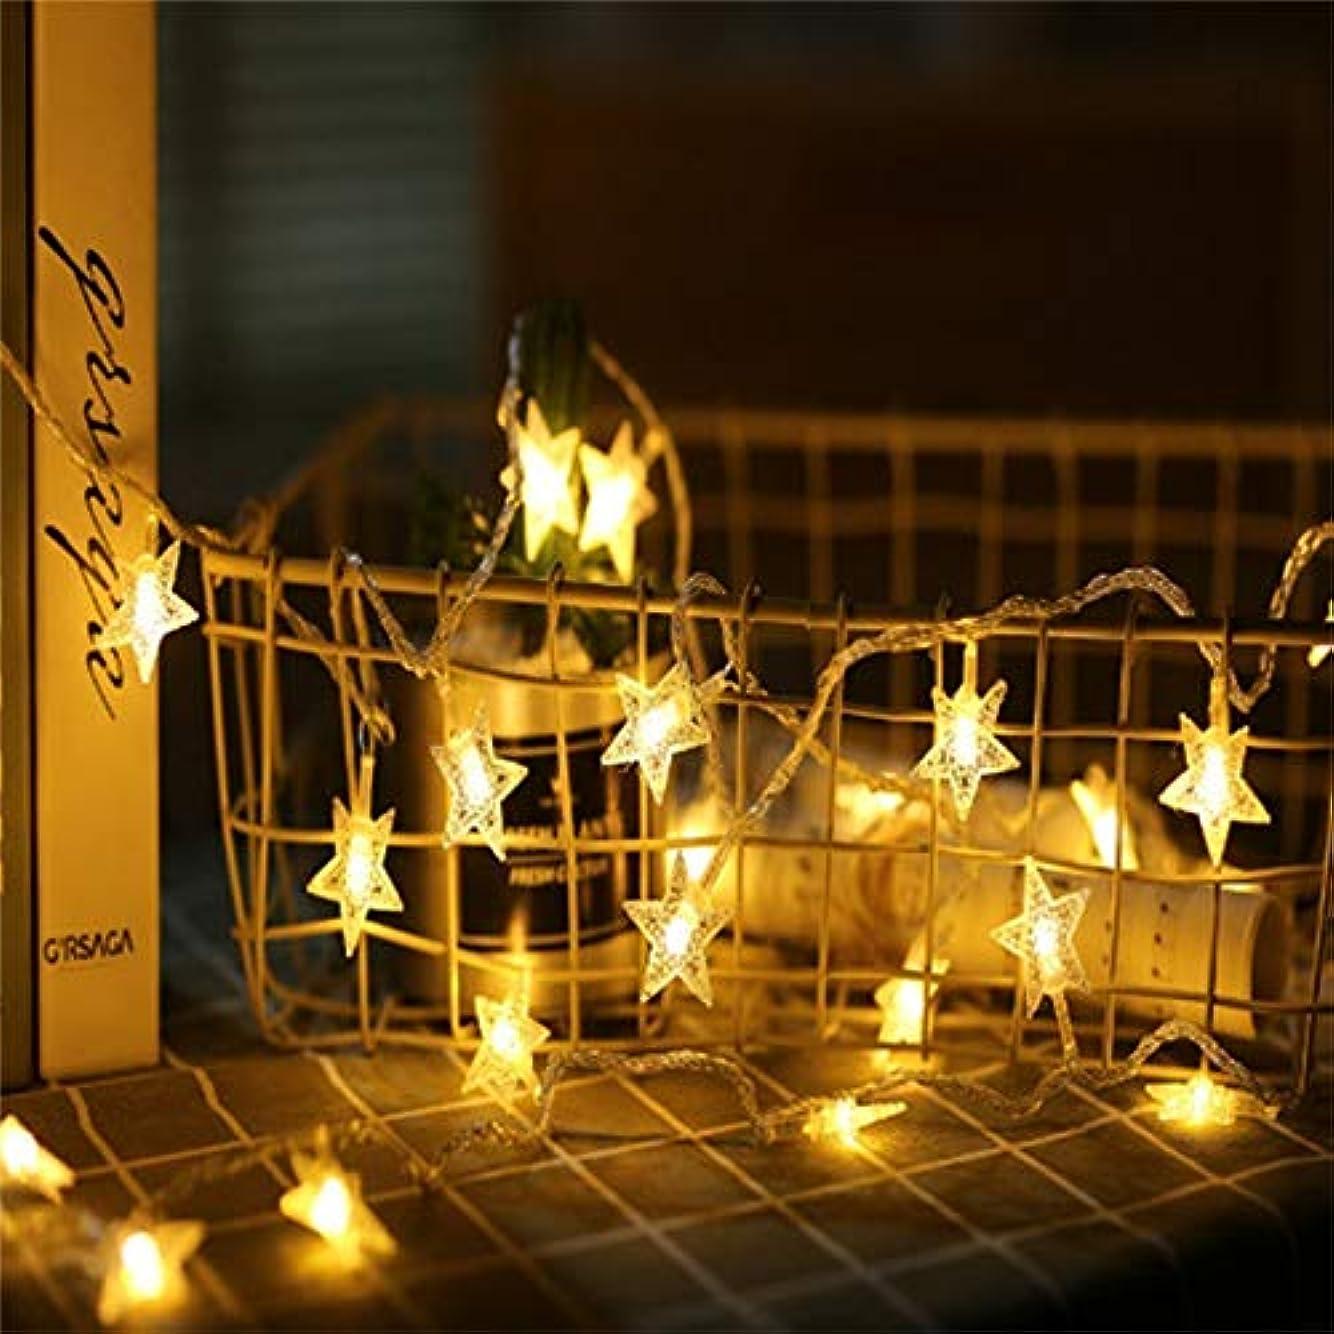 回転する仕事プライバシーイルミネーションライト ストリングライト クリスマス パーティー 結婚式 誕生日 飾りライト 電飾 室内室外 防水 電球色 LED (5m, 星)